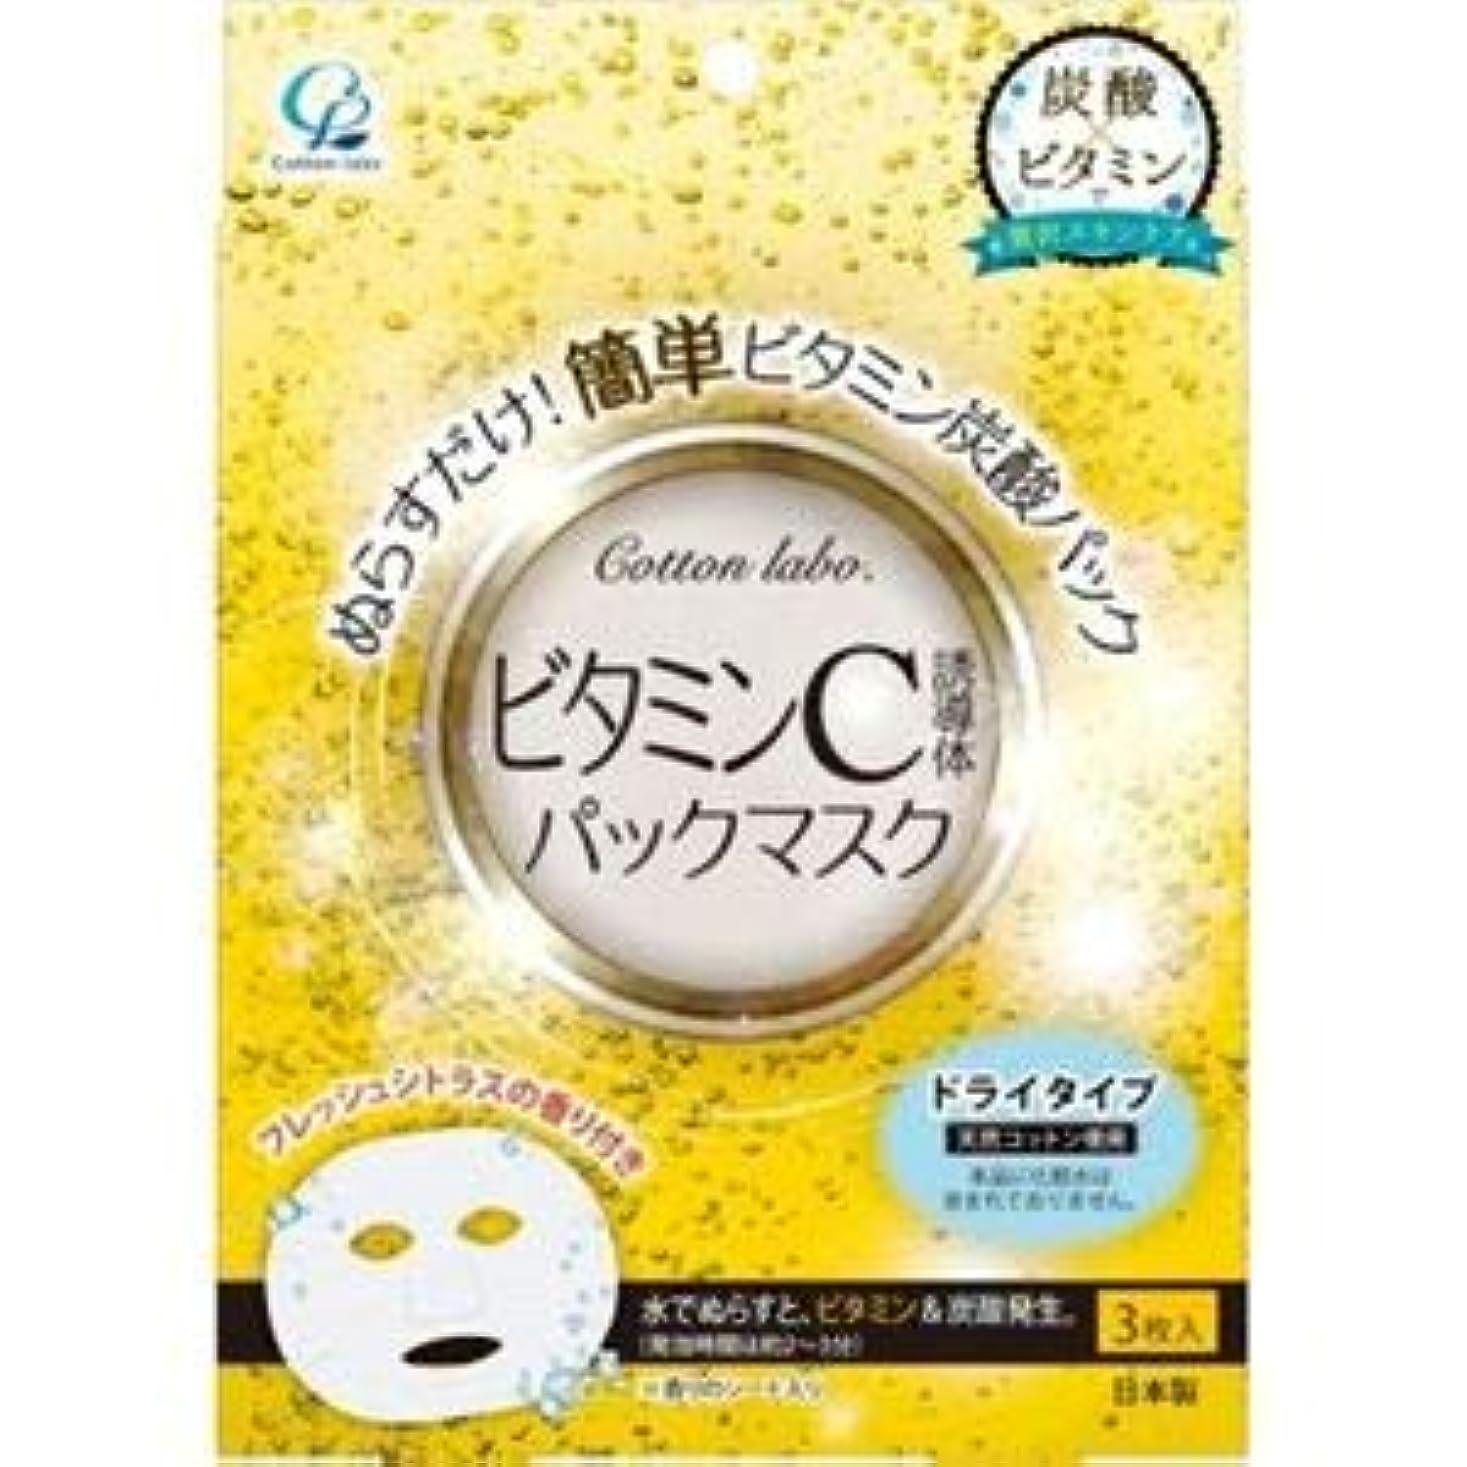 背骨郵便屋さん最終(まとめ)コットンラボ ビタミンパックマスク3枚 【×5点セット】